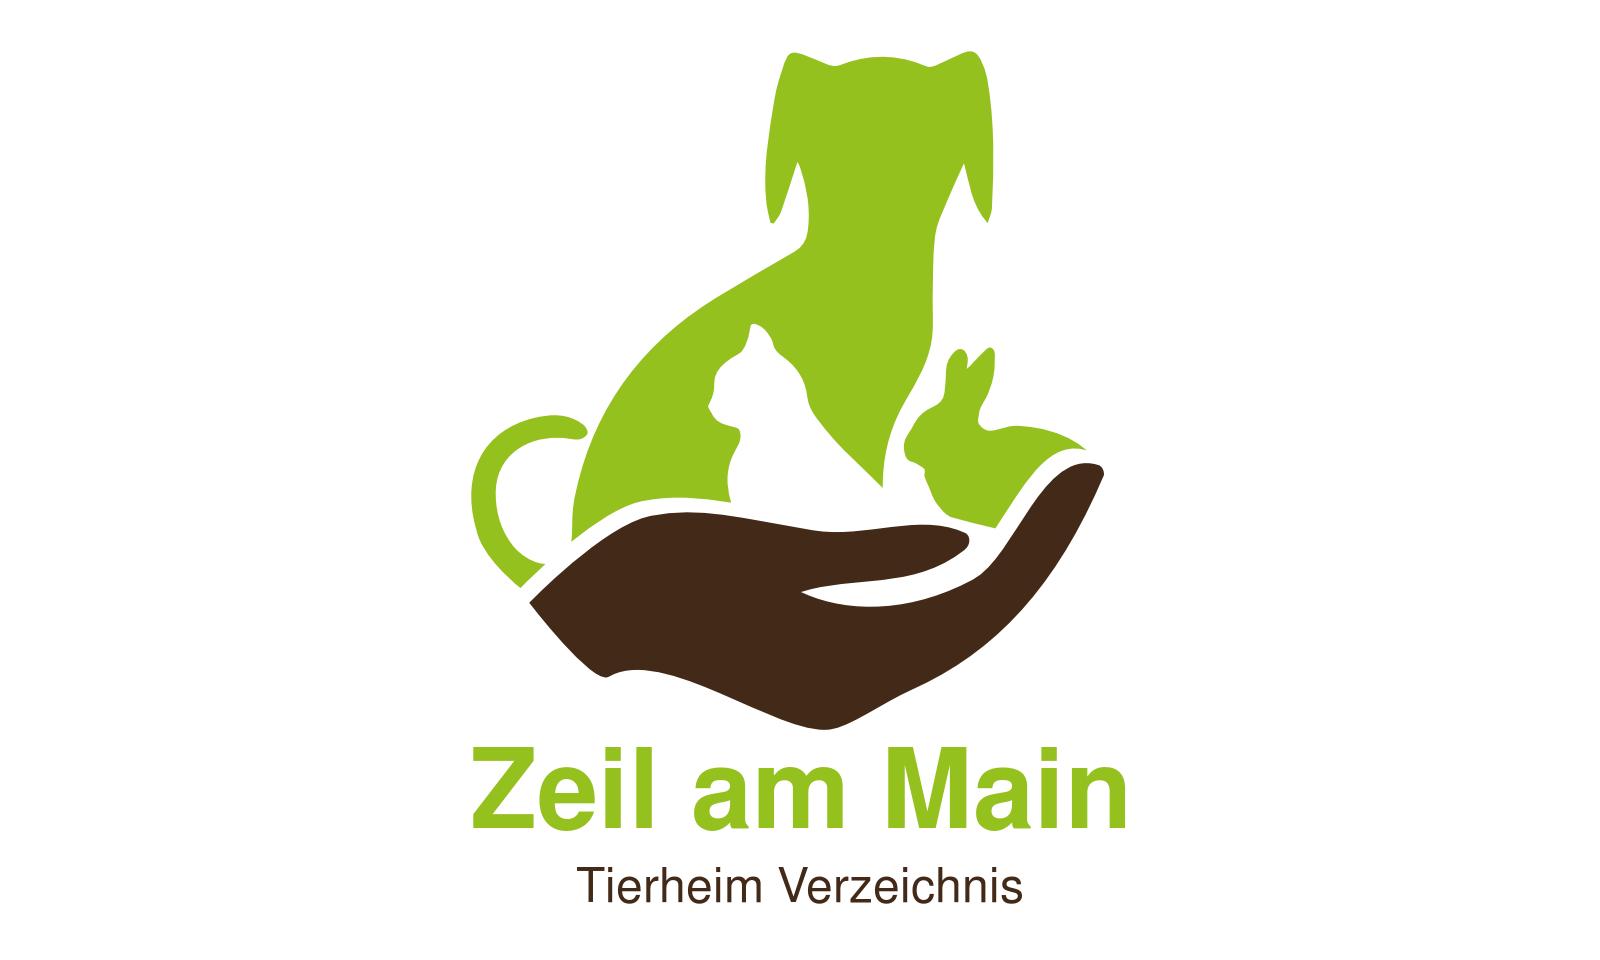 Tierheim Zeil am Main